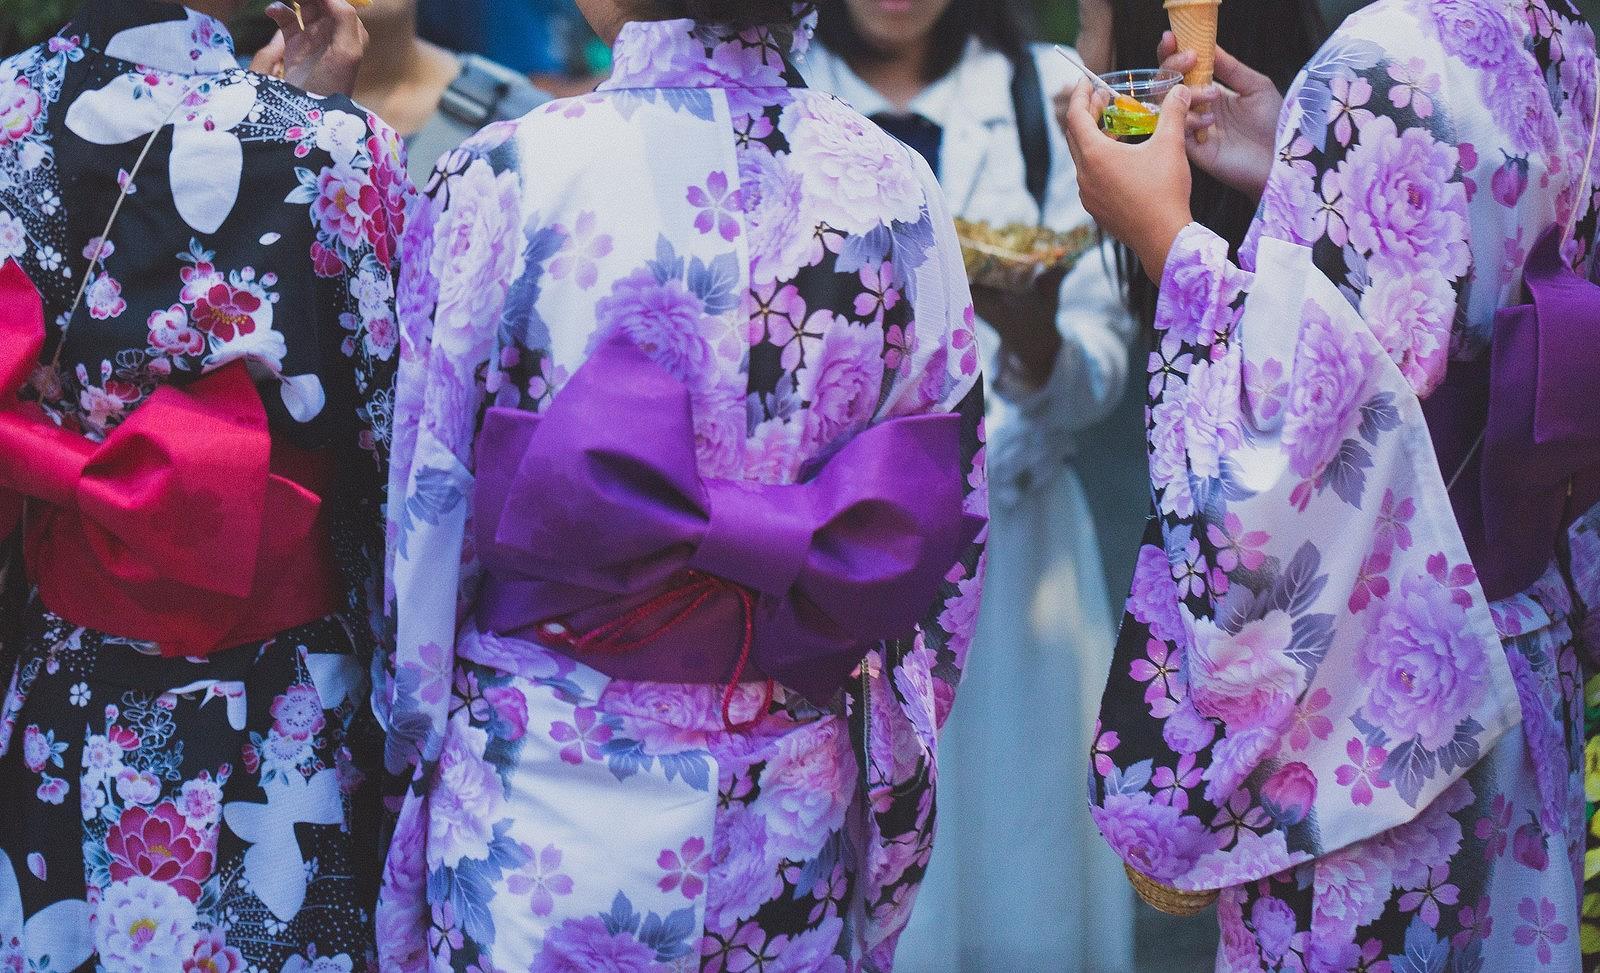 「第19回 北野こくさい夏祭り」が北野工房のまちで8/25(土)に開催されるよ! #北野工房のまち #夏祭り #神戸観光 #北野こくさい夏祭り